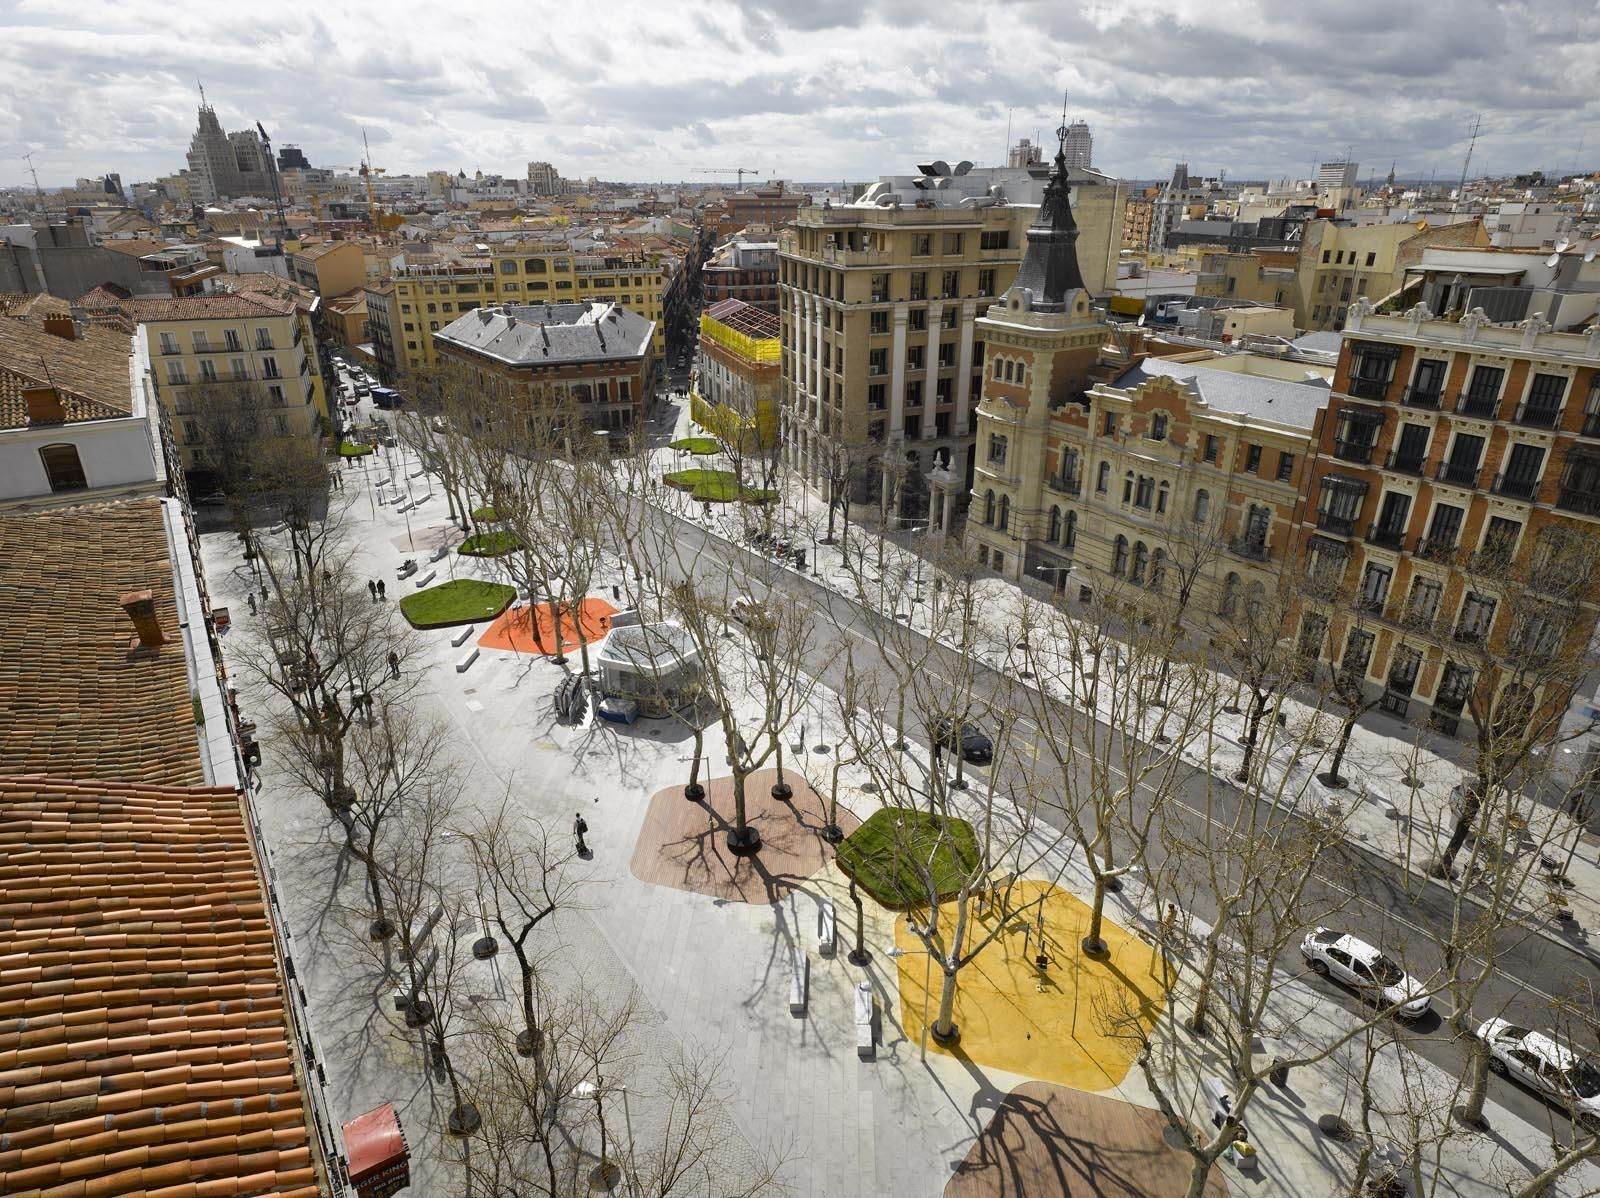 La place santa barbara santa barbara public spaces and for Place landscape architecture